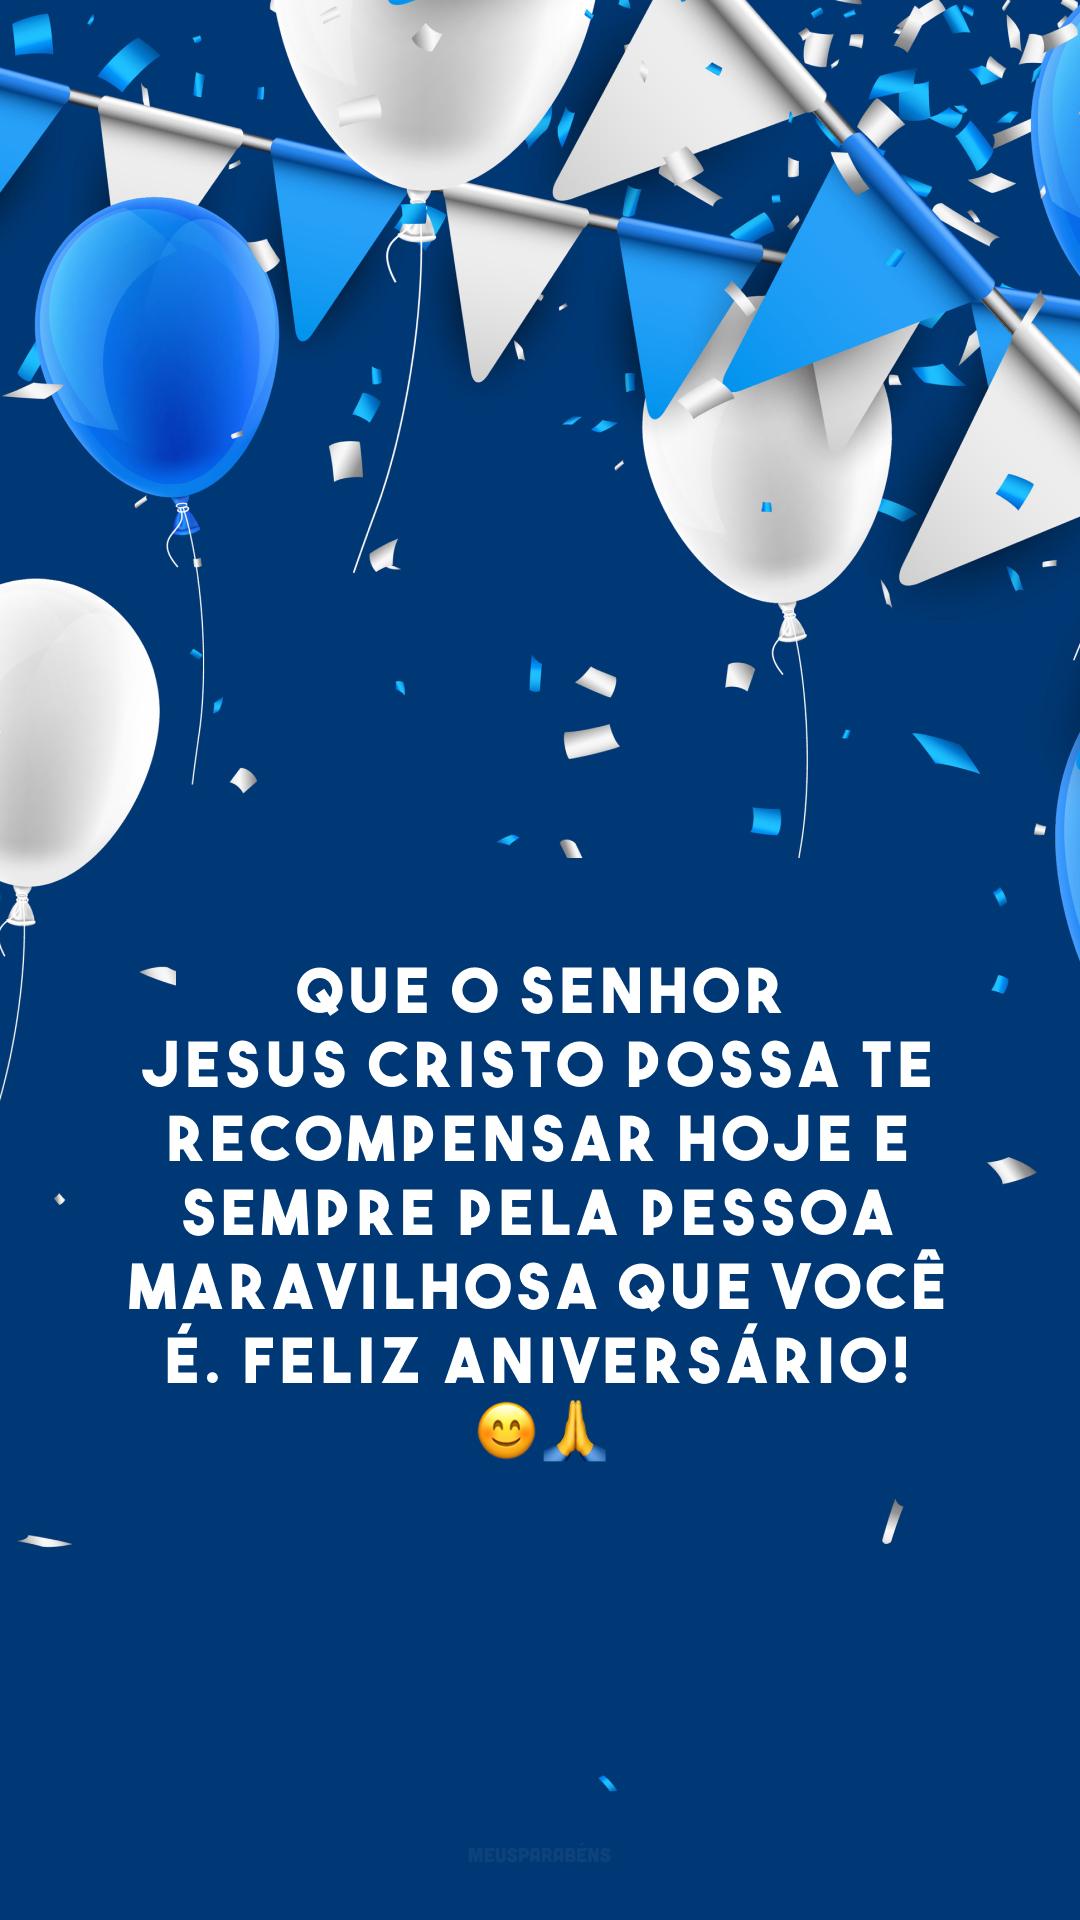 Que o Senhor Jesus Cristo possa te recompensar hoje e sempre pela pessoa maravilhosa que você é. Feliz aniversário! 😊🙏